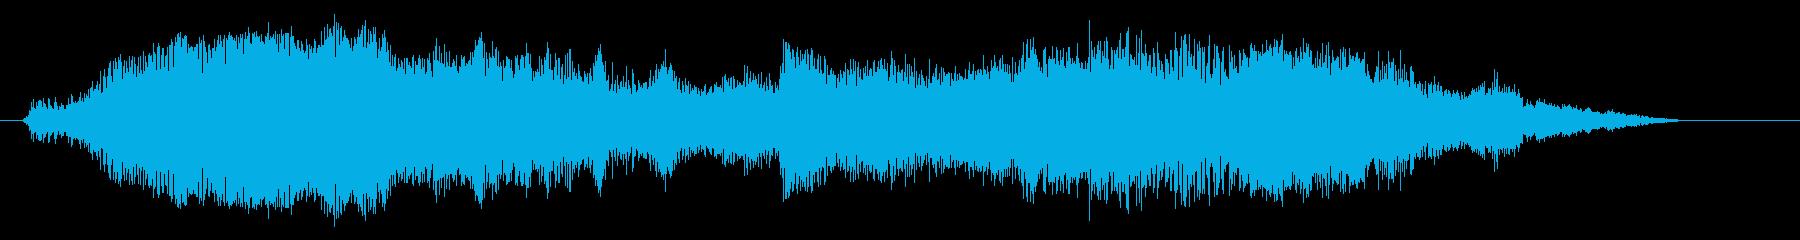 船内/船外船;スタート/回転/アウ...の再生済みの波形